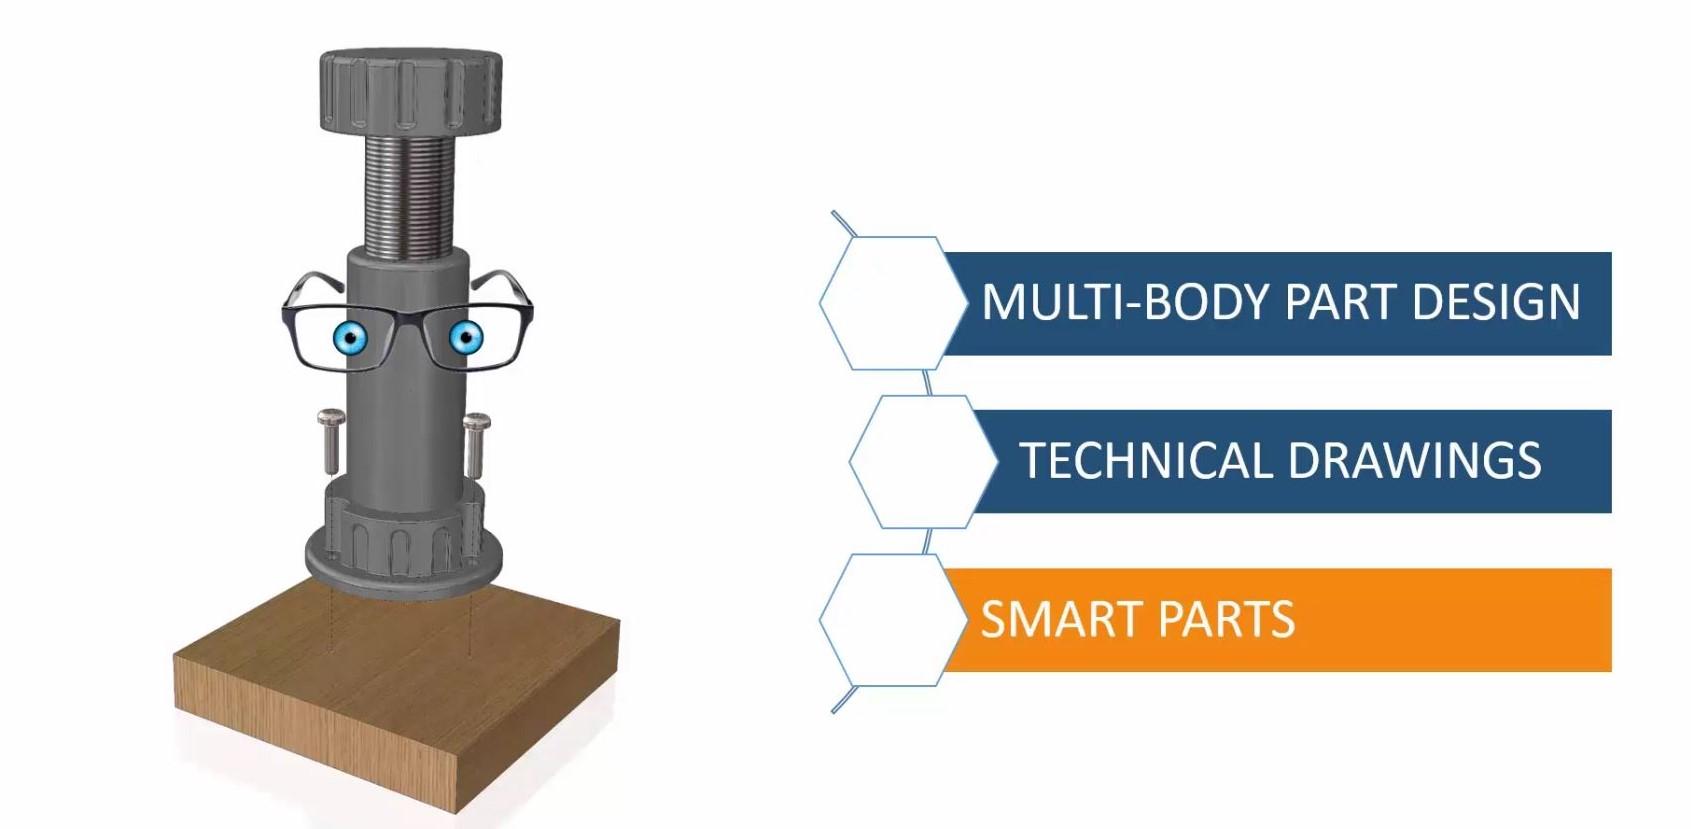 SolidWorks Smart Parts